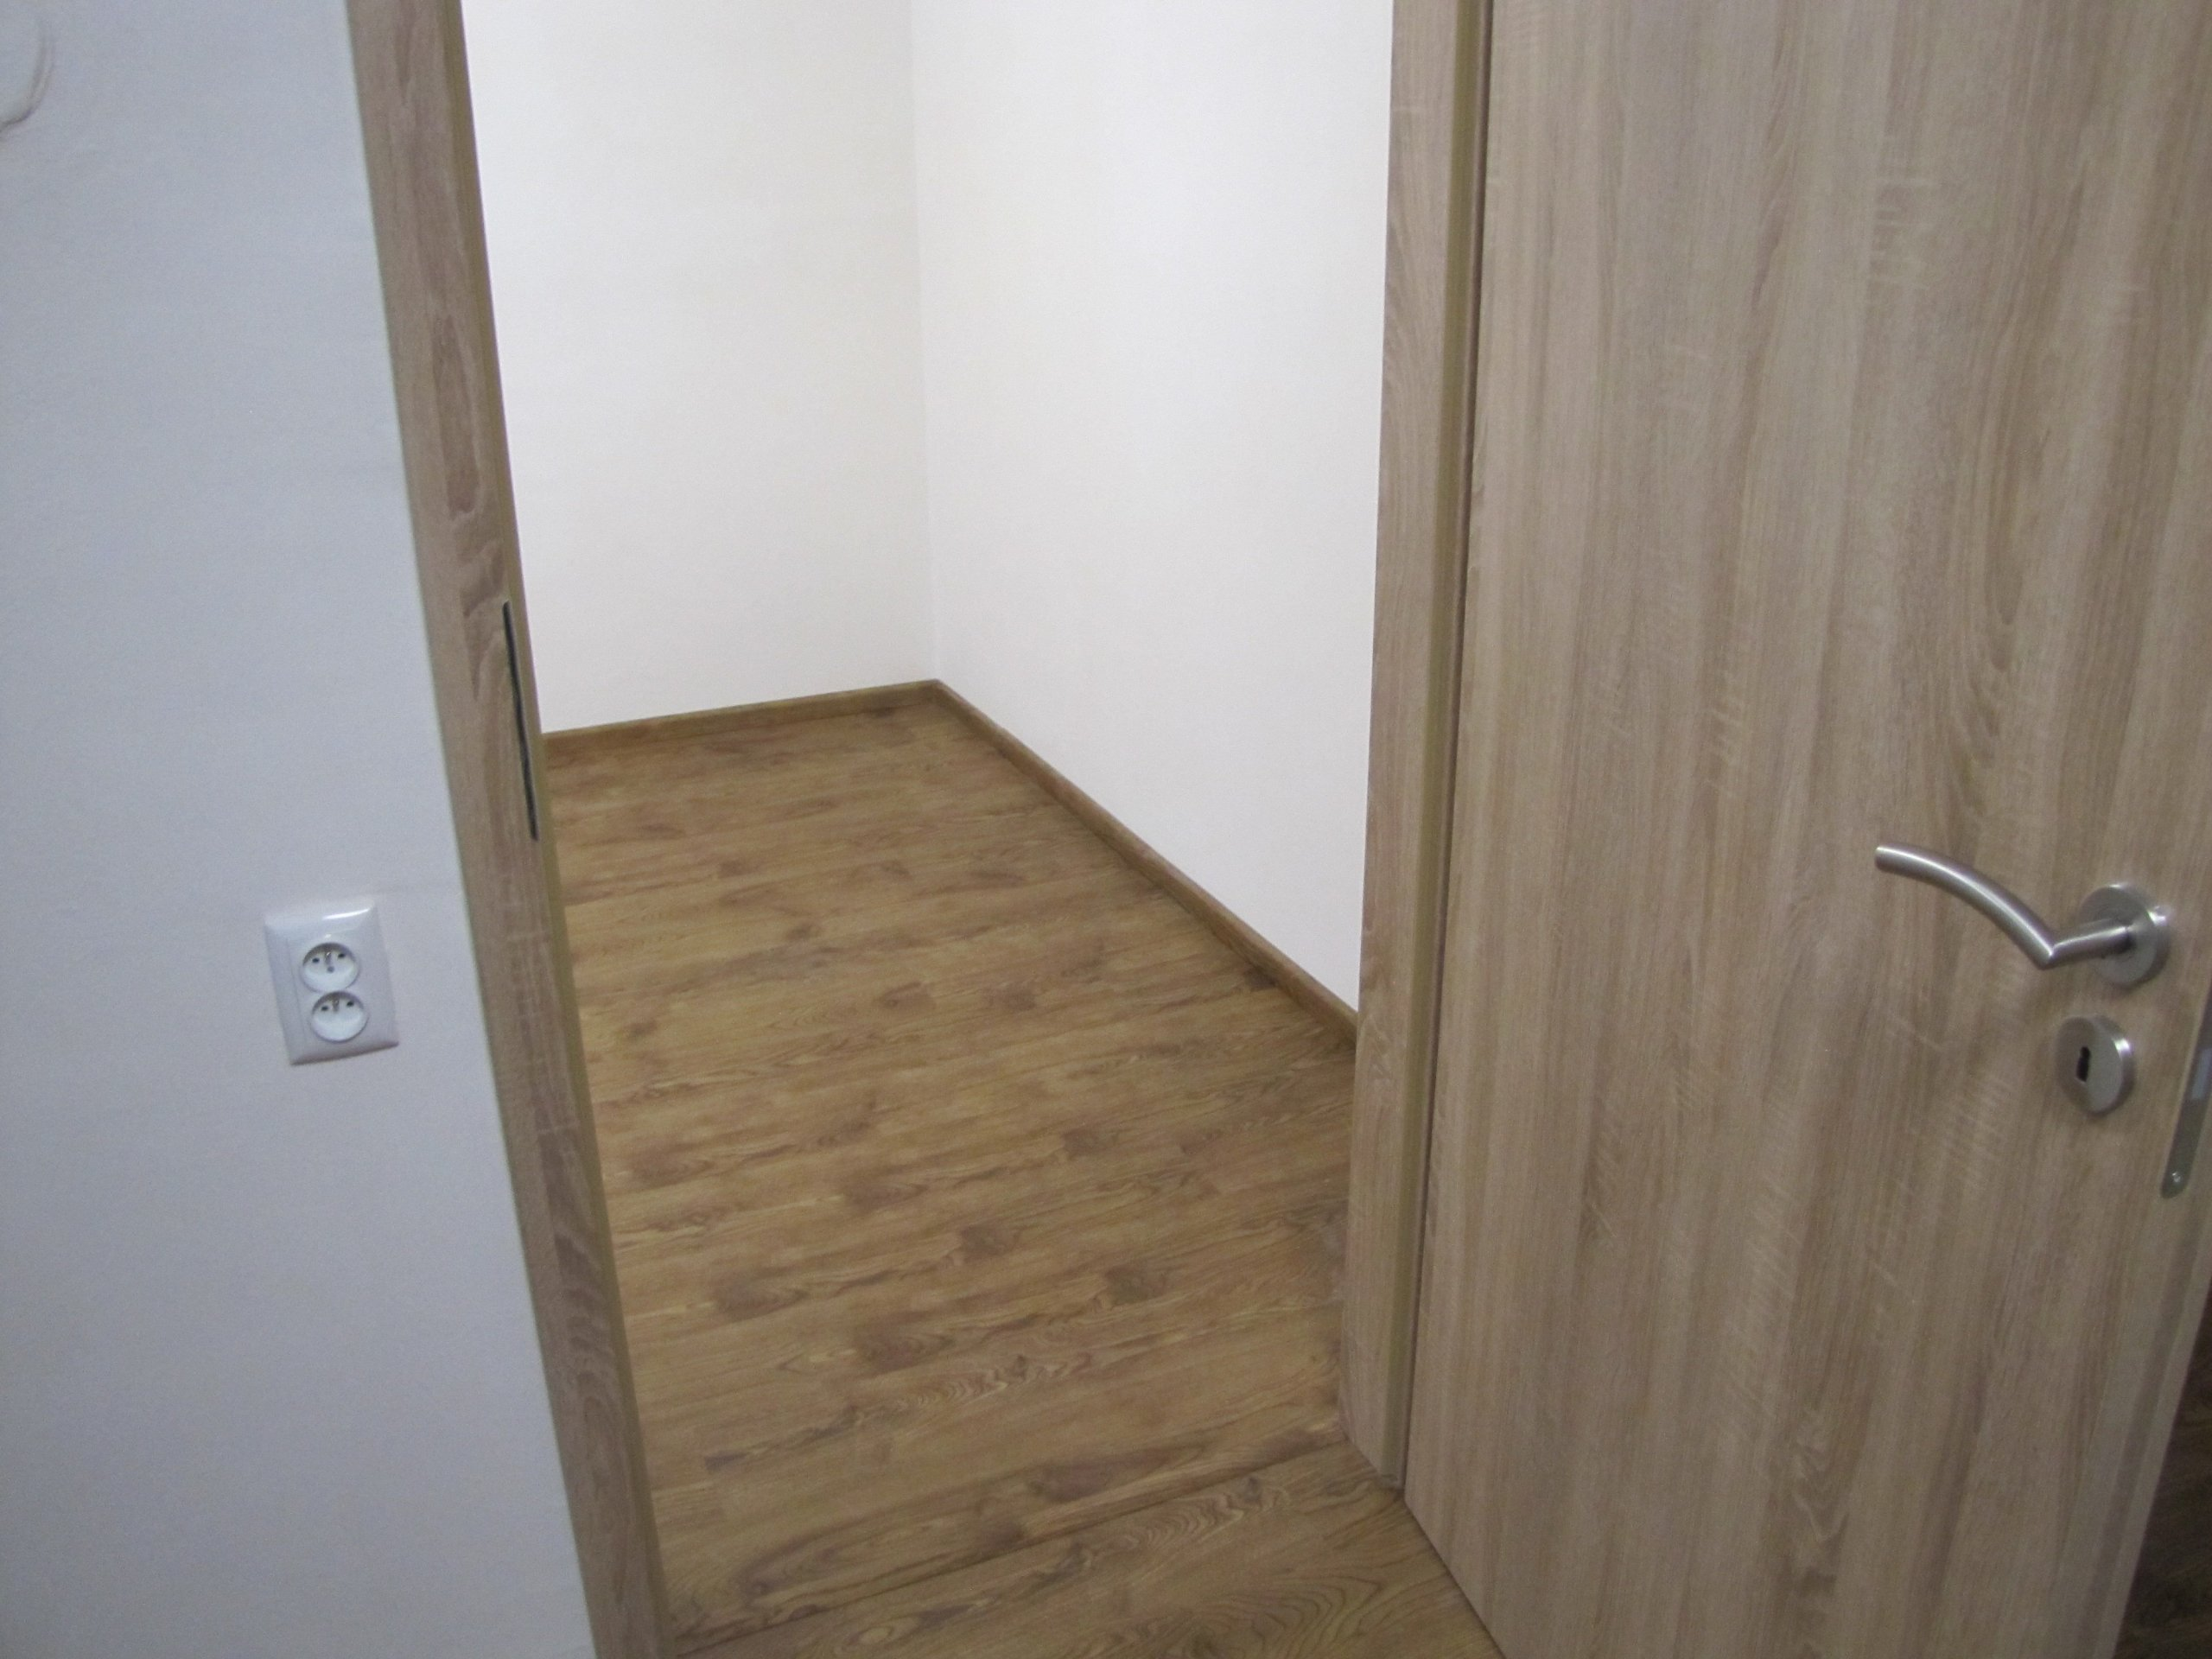 Vinylová podlaha doplněná přechodovou lištou v dekoru podlahy